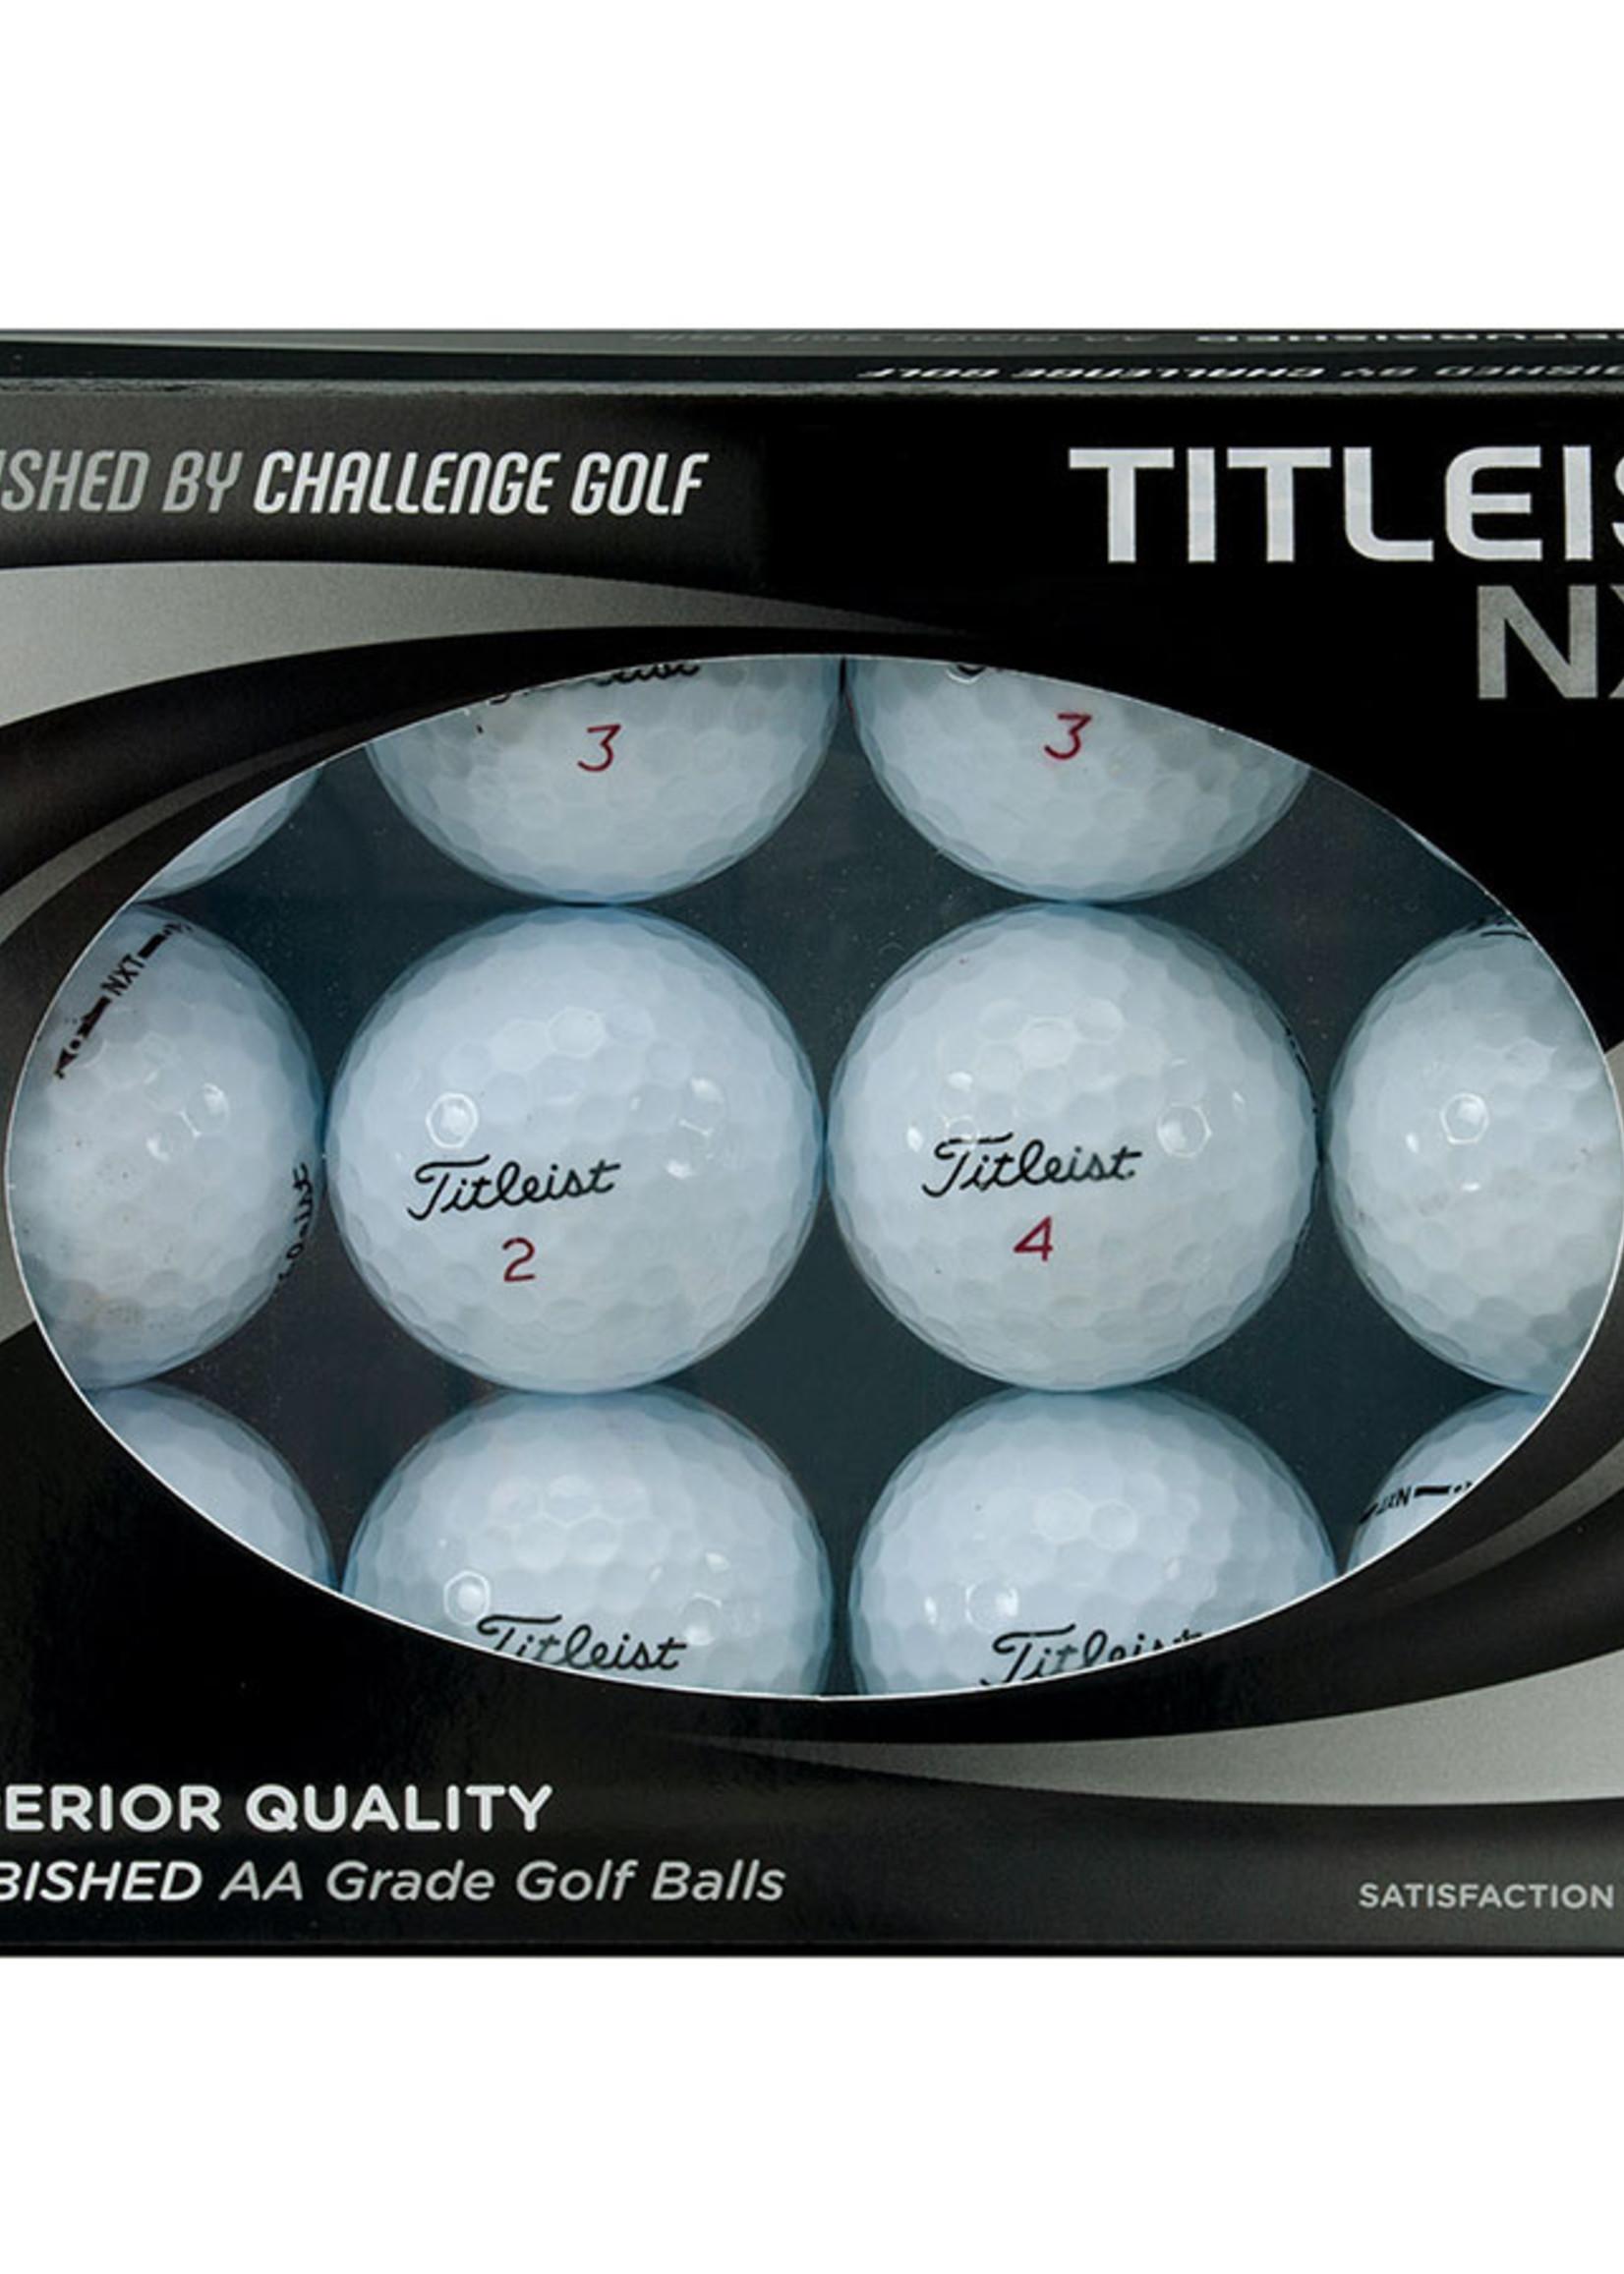 Titleist NXT Refurbished Golfballs